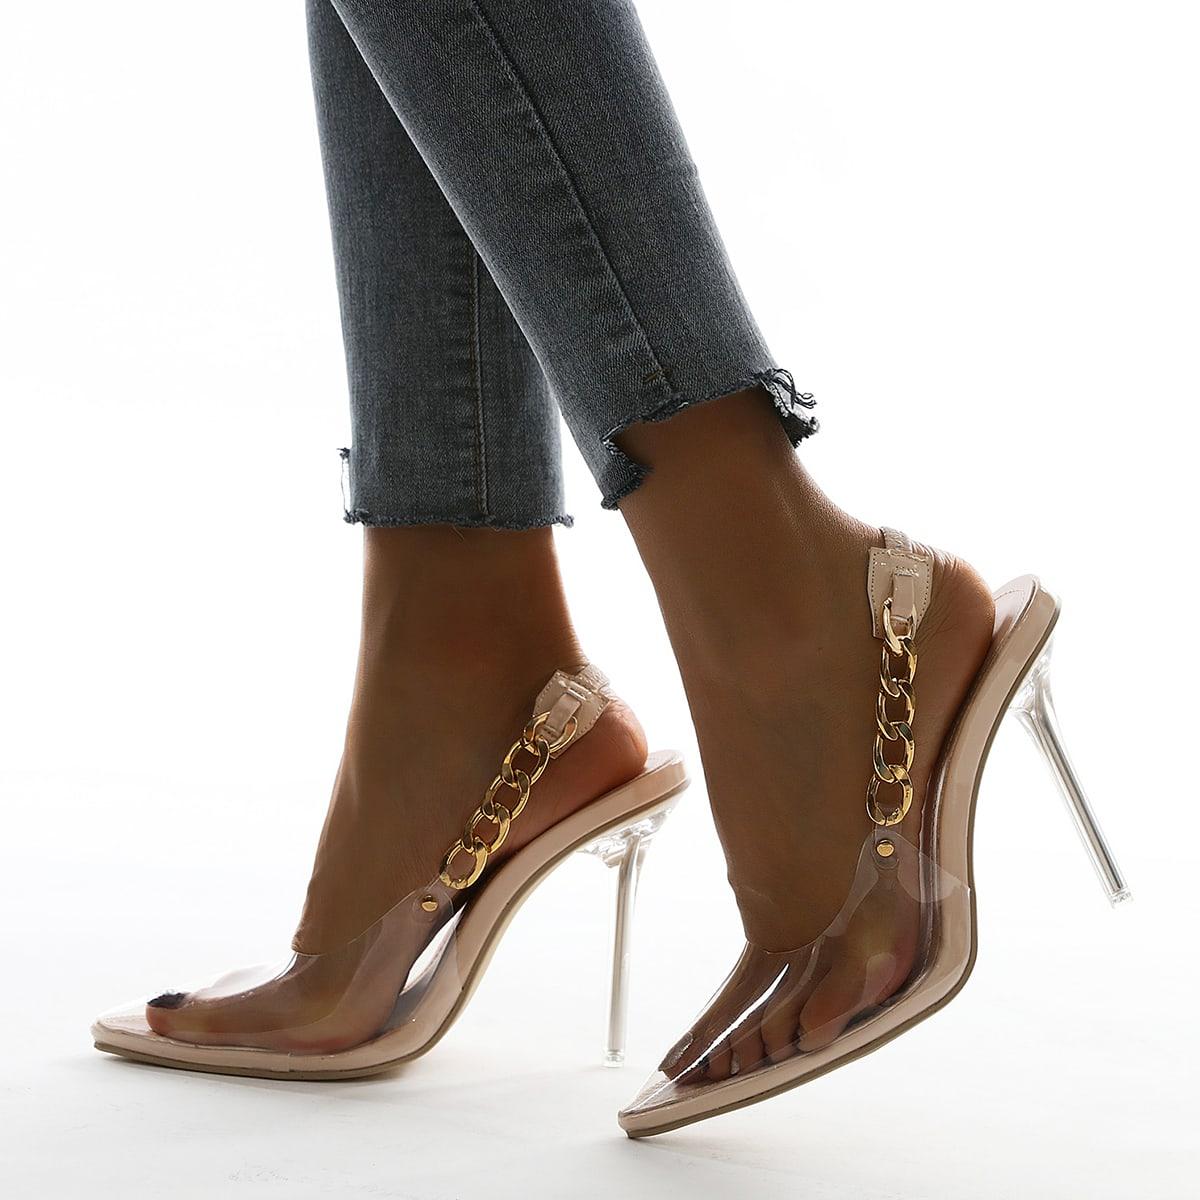 Прозрачные туфли на шпильках с цепочкой